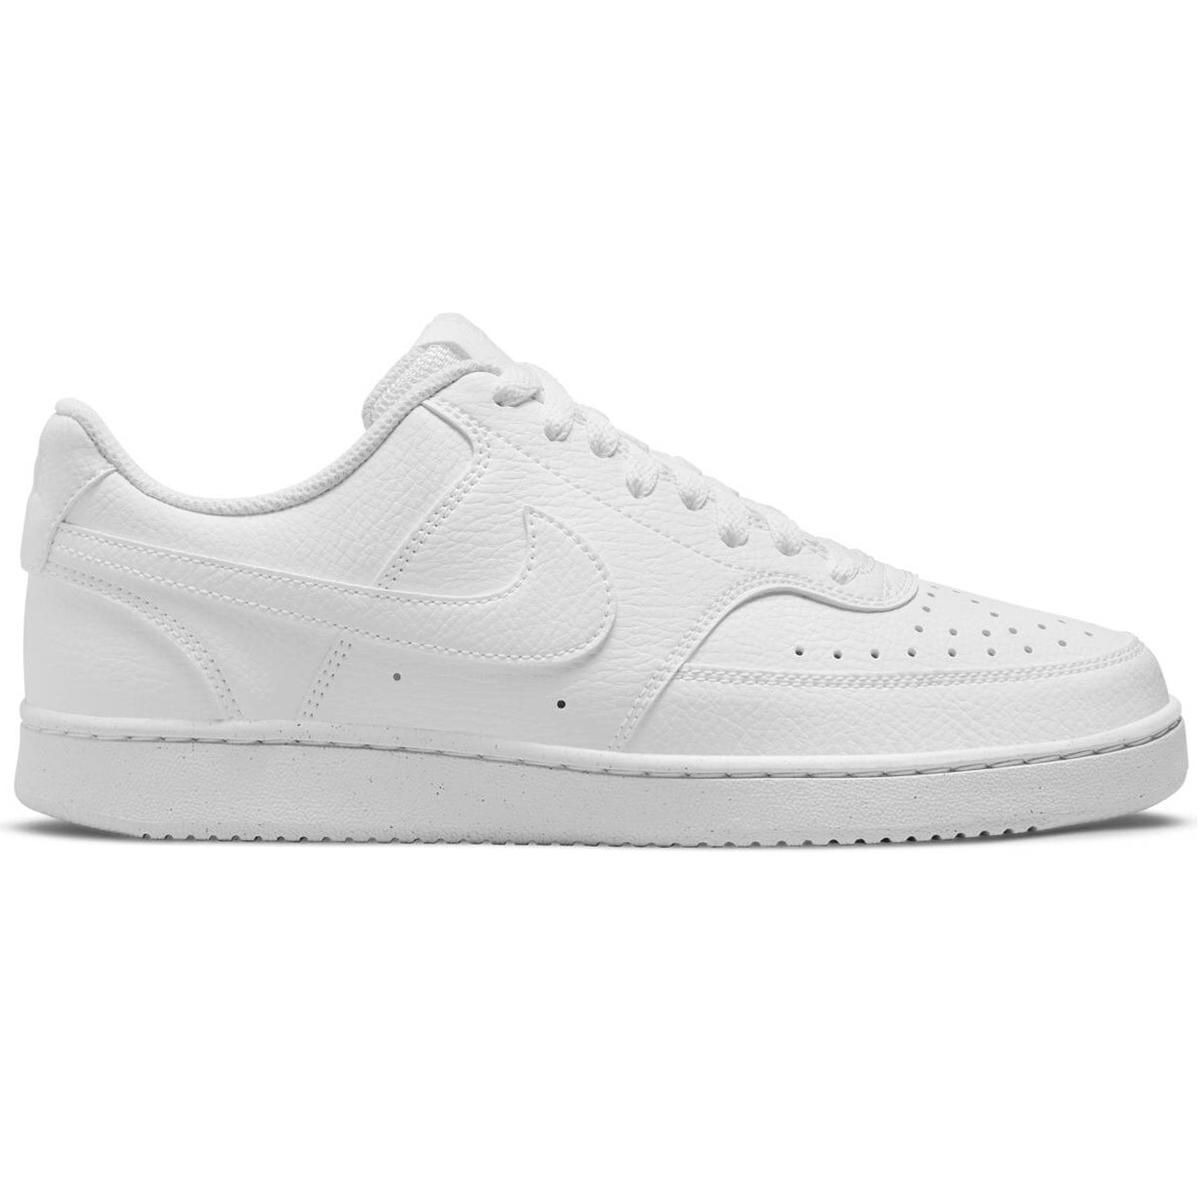 Nike W Court Vision Lo NN Sneaker weiß DH3158 100